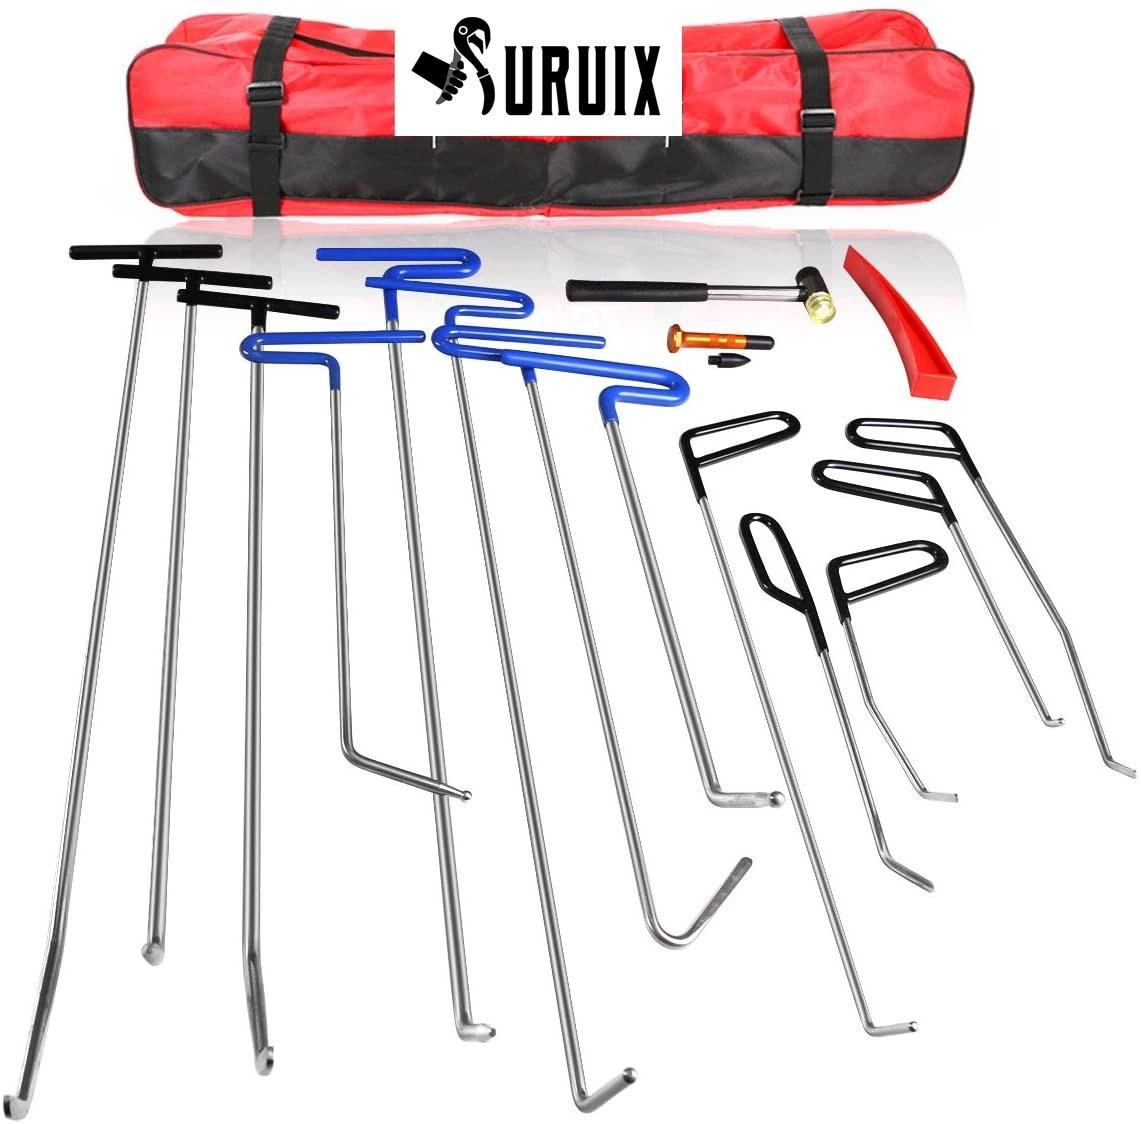 16pcs Auto Body Dent Repair Hail Damage Removal Tools Paintless Dent Repair Rods Tool Paintless Dent Repair Kits